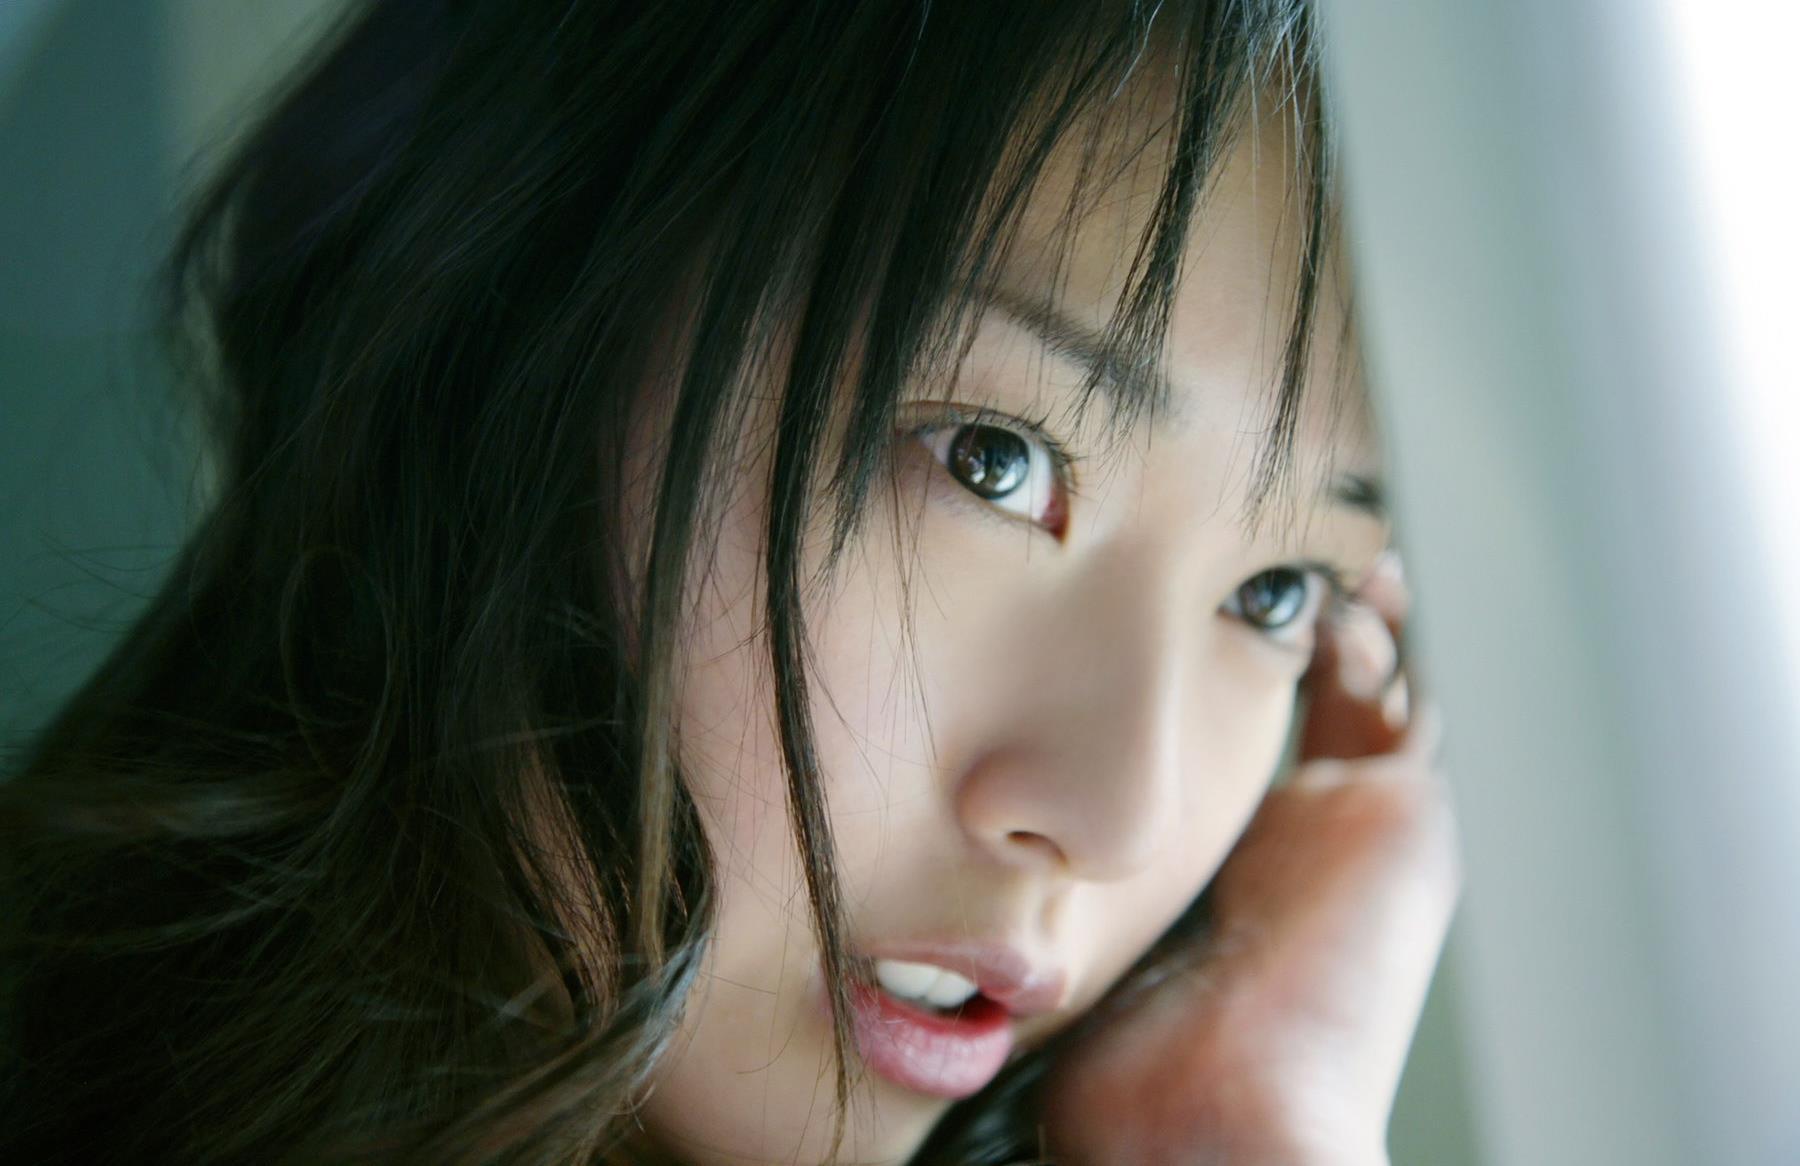 戸田恵梨香 エロ画像 68